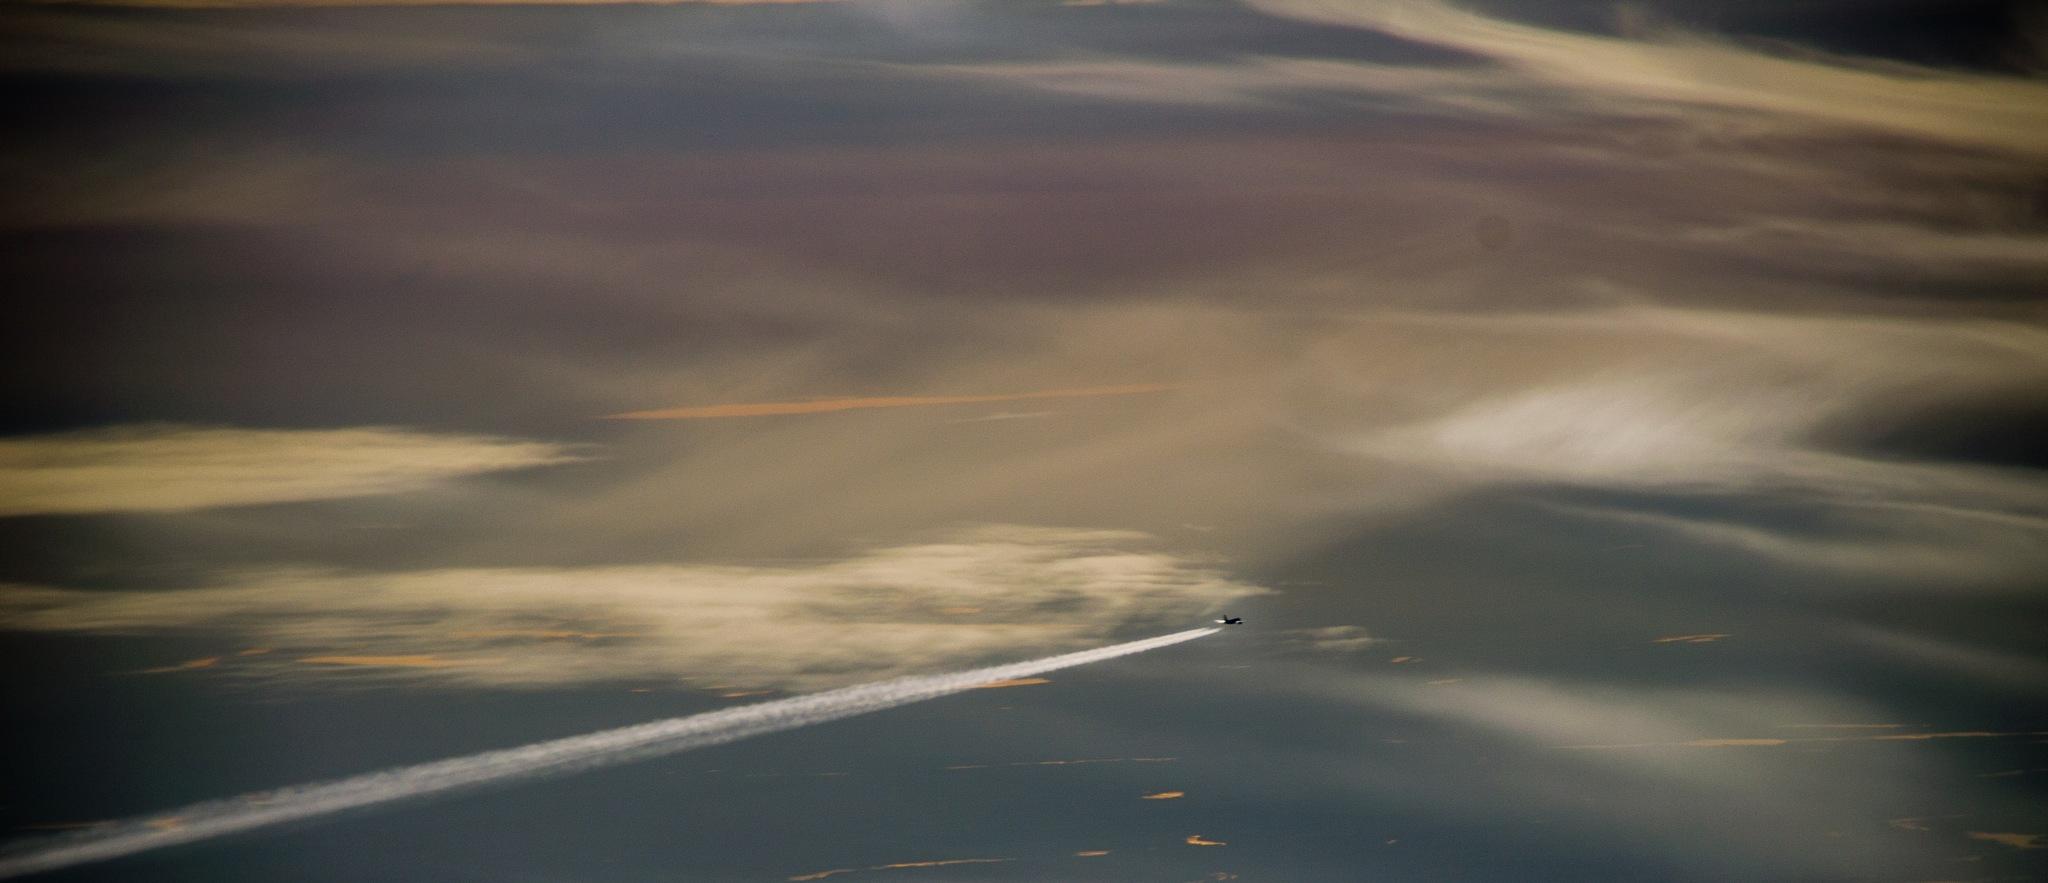 In flight by rytiss50